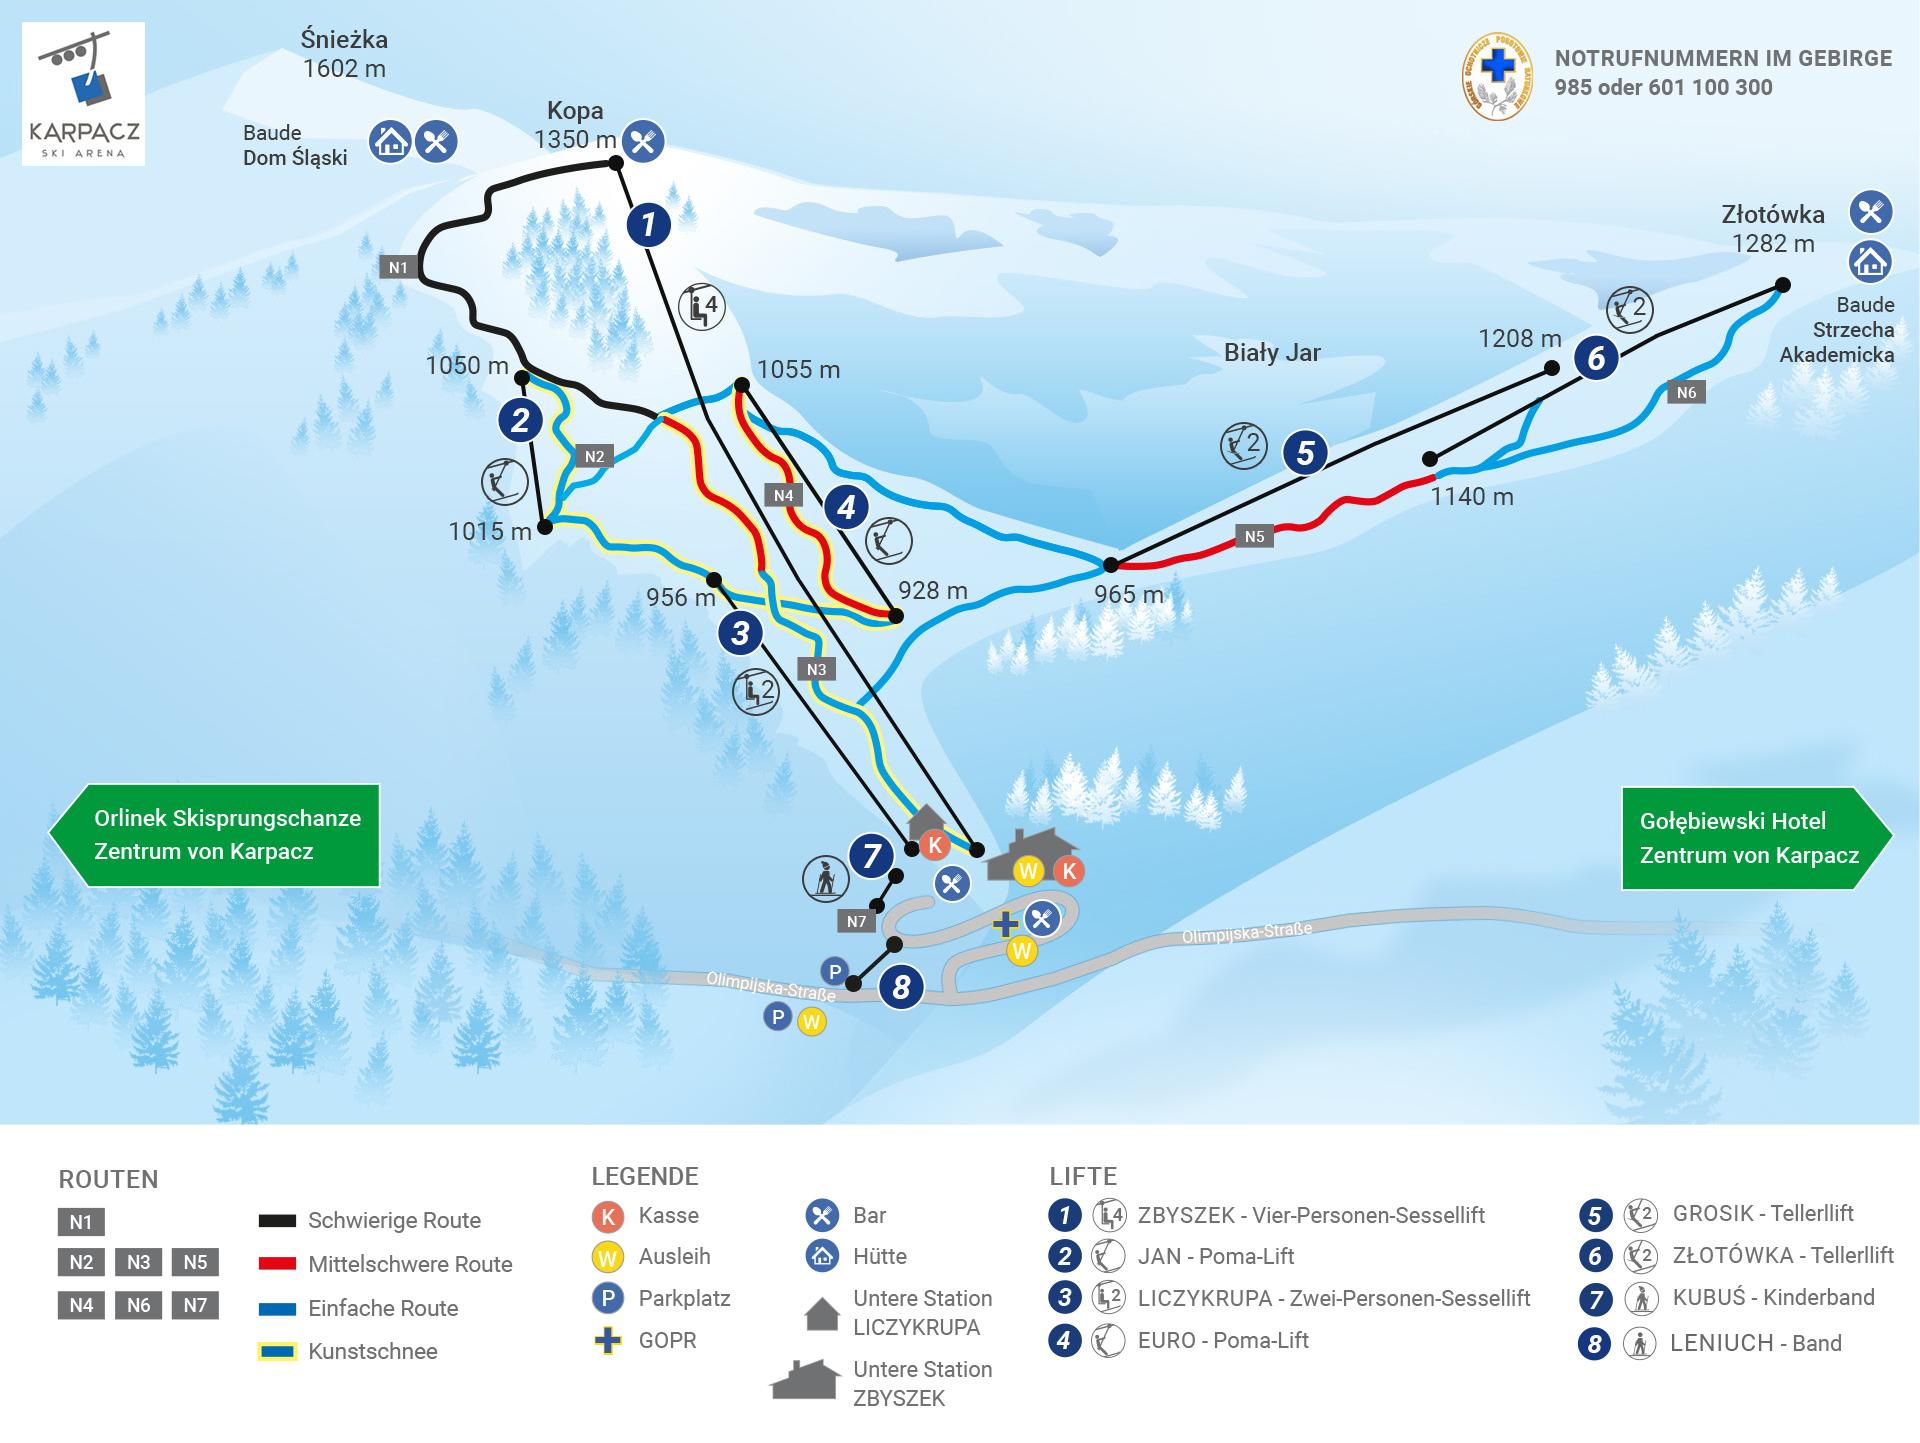 Karpacz Ski Arena_Karte der Routen und Lifte